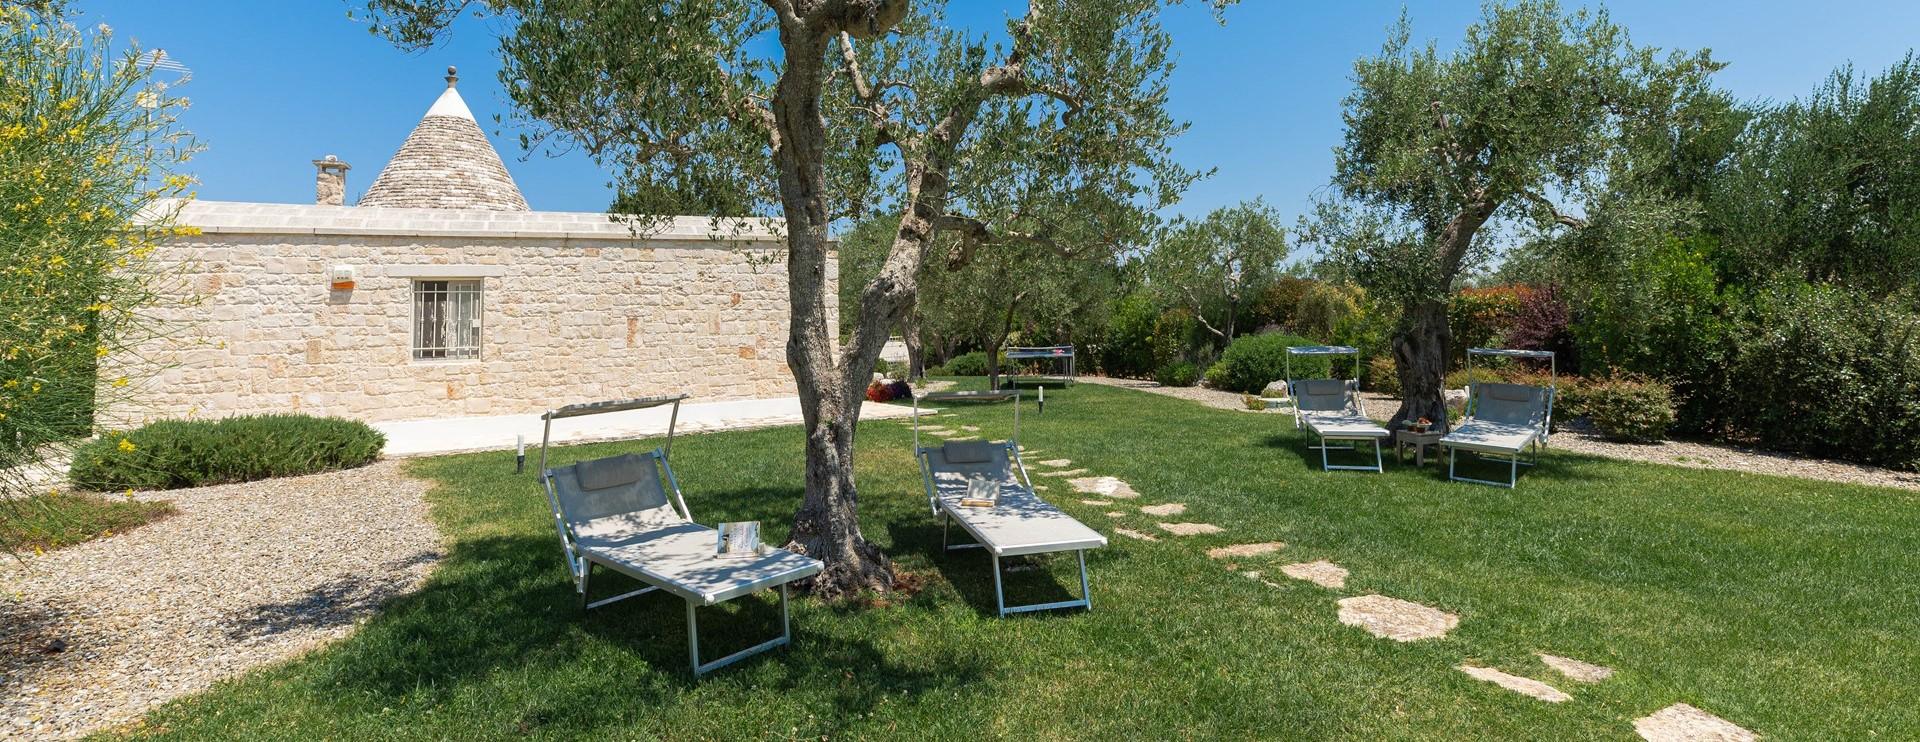 villa-giu-al-trullo-facade-garden